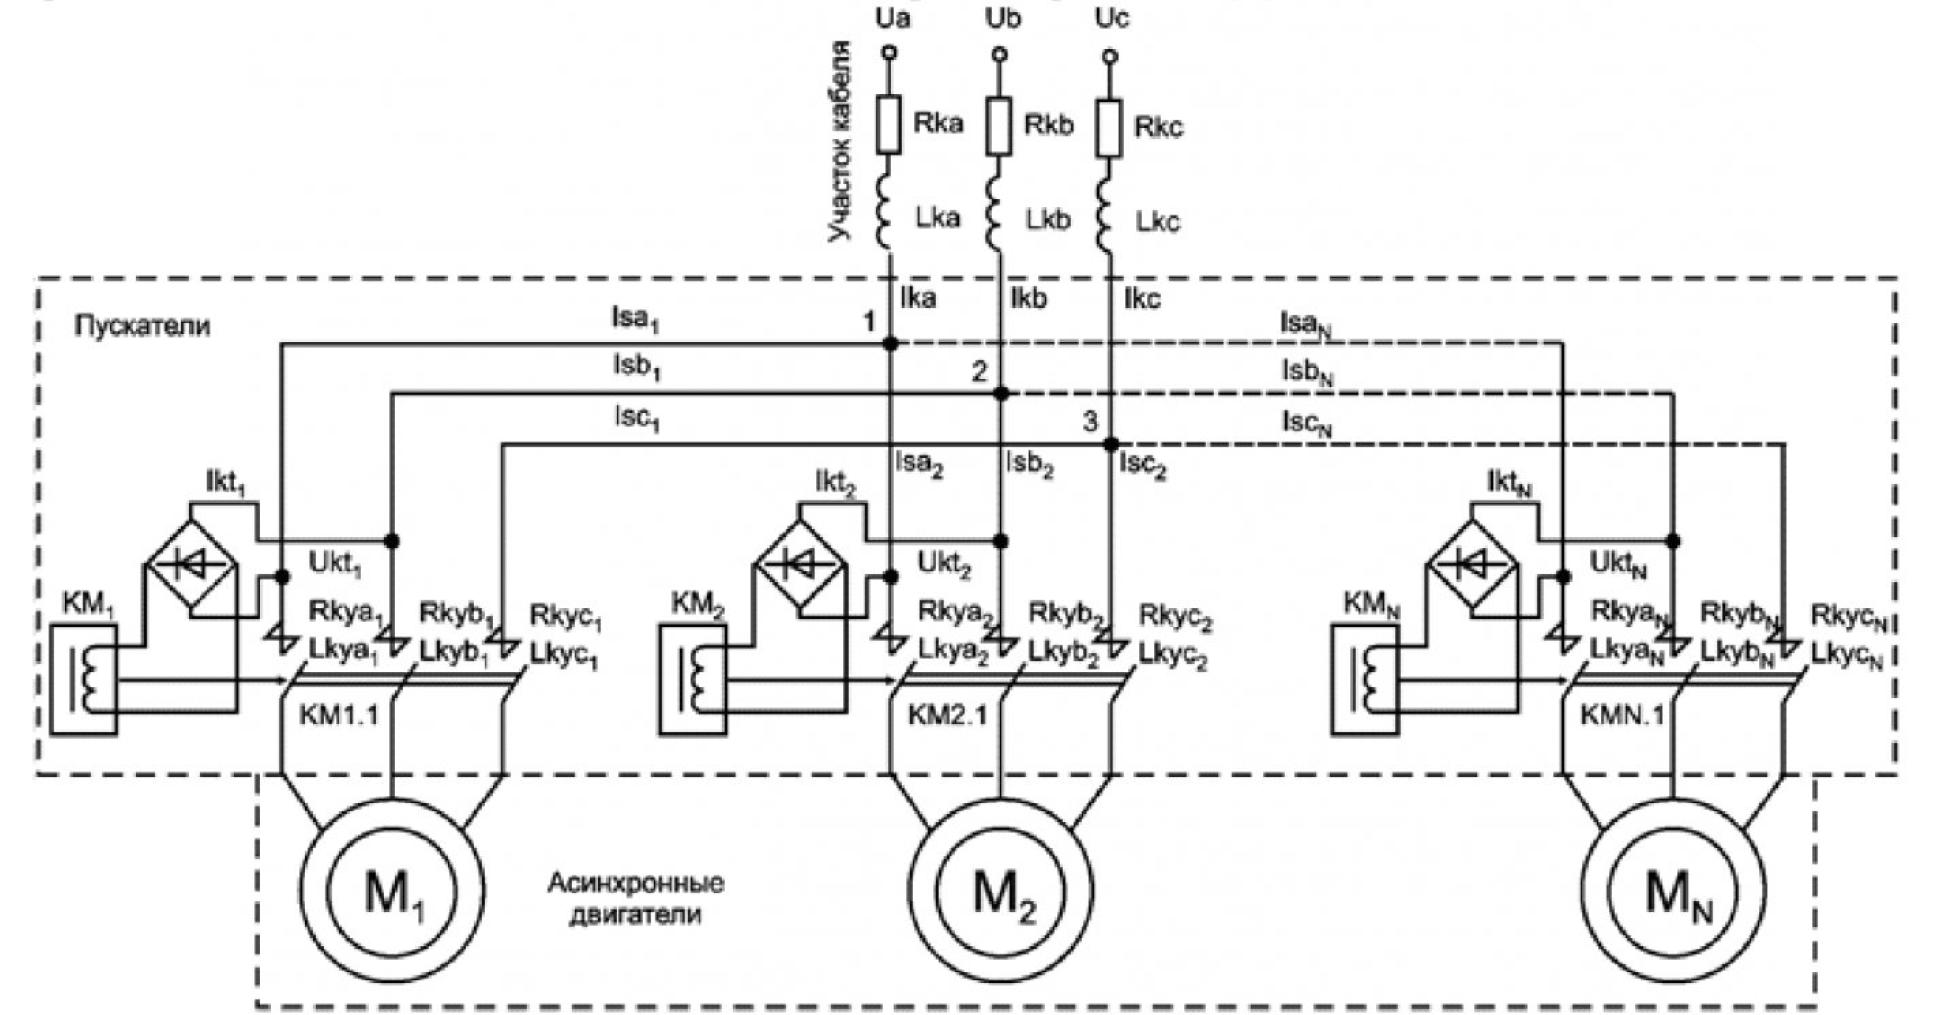 Модель типового модуля системы электроснабжения с коммутационной аппаратурой 1